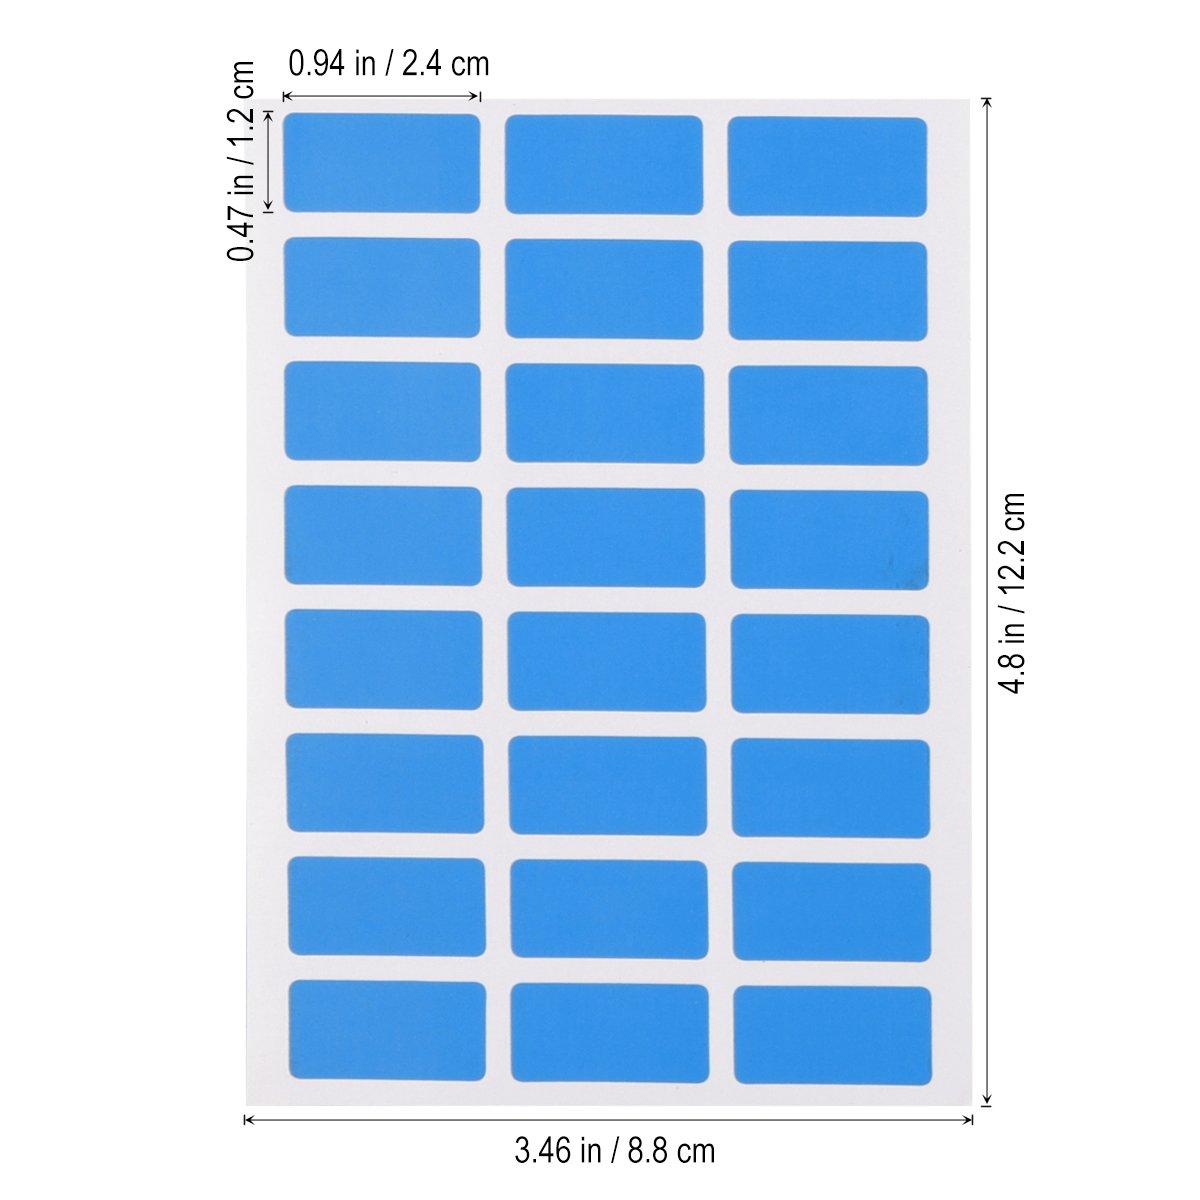 Etichette adesive colorate TOYMYTOY Etichette per Prezzi Archivio 24x12 mm con 6 fogli